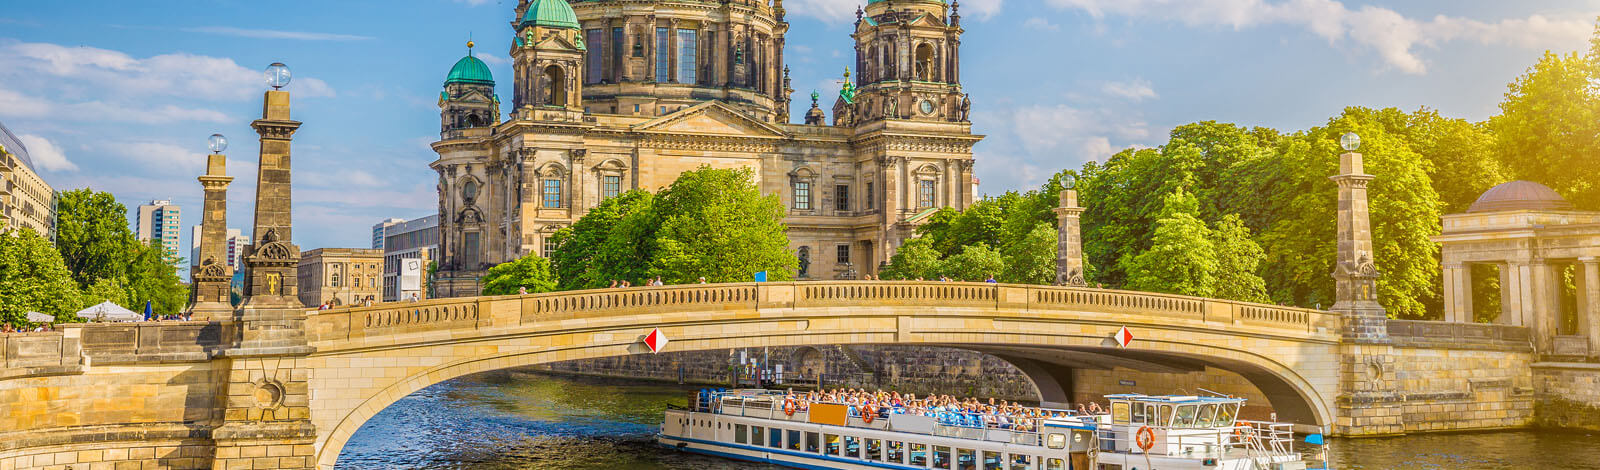 Vliegtickets Berlijn bij TIX - Goedkope Tickets & Vluchten